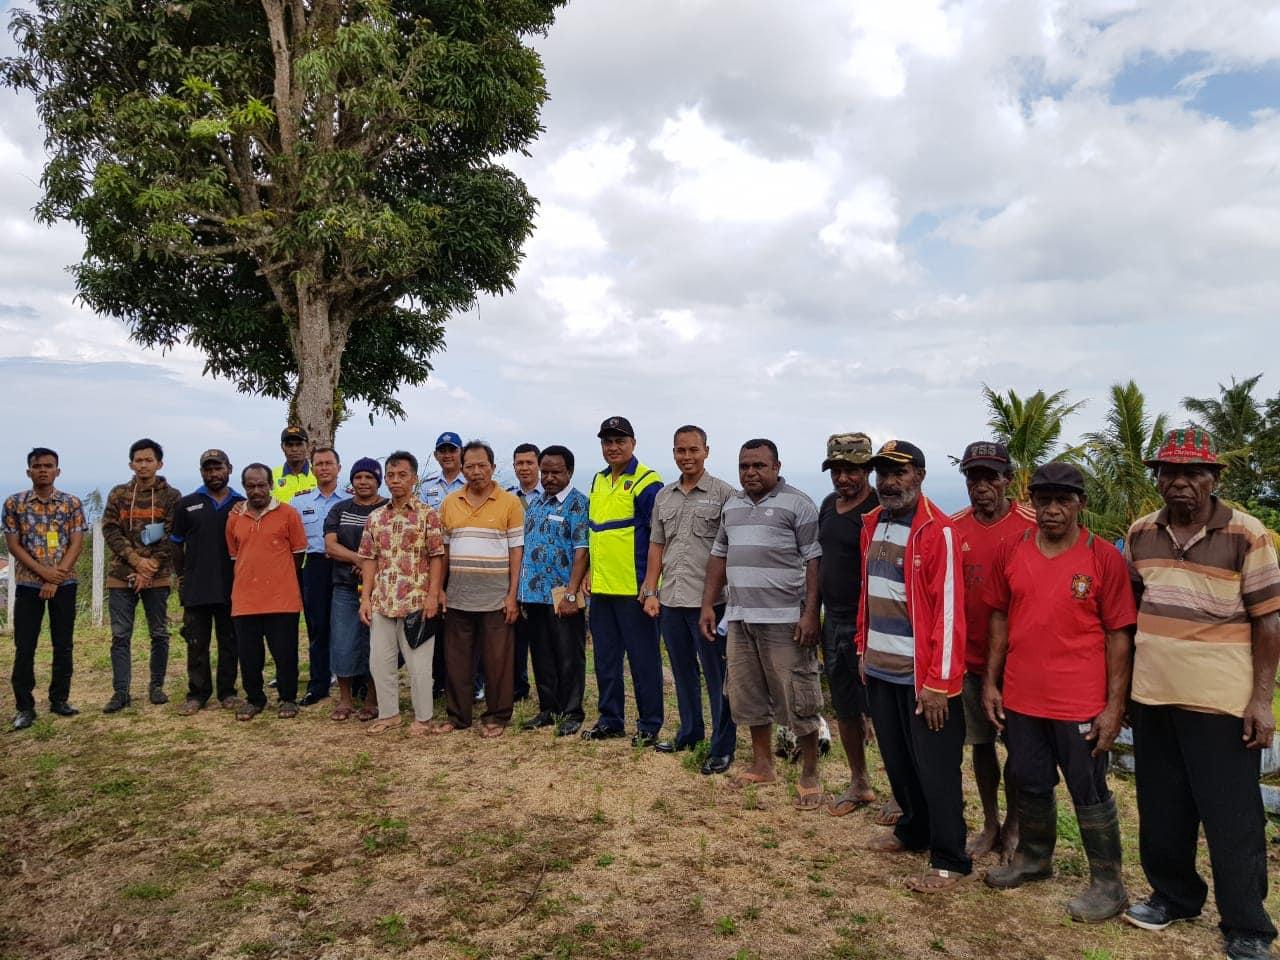 Musyawarah Penetapan Batas Areal Tanah Adat Garapan